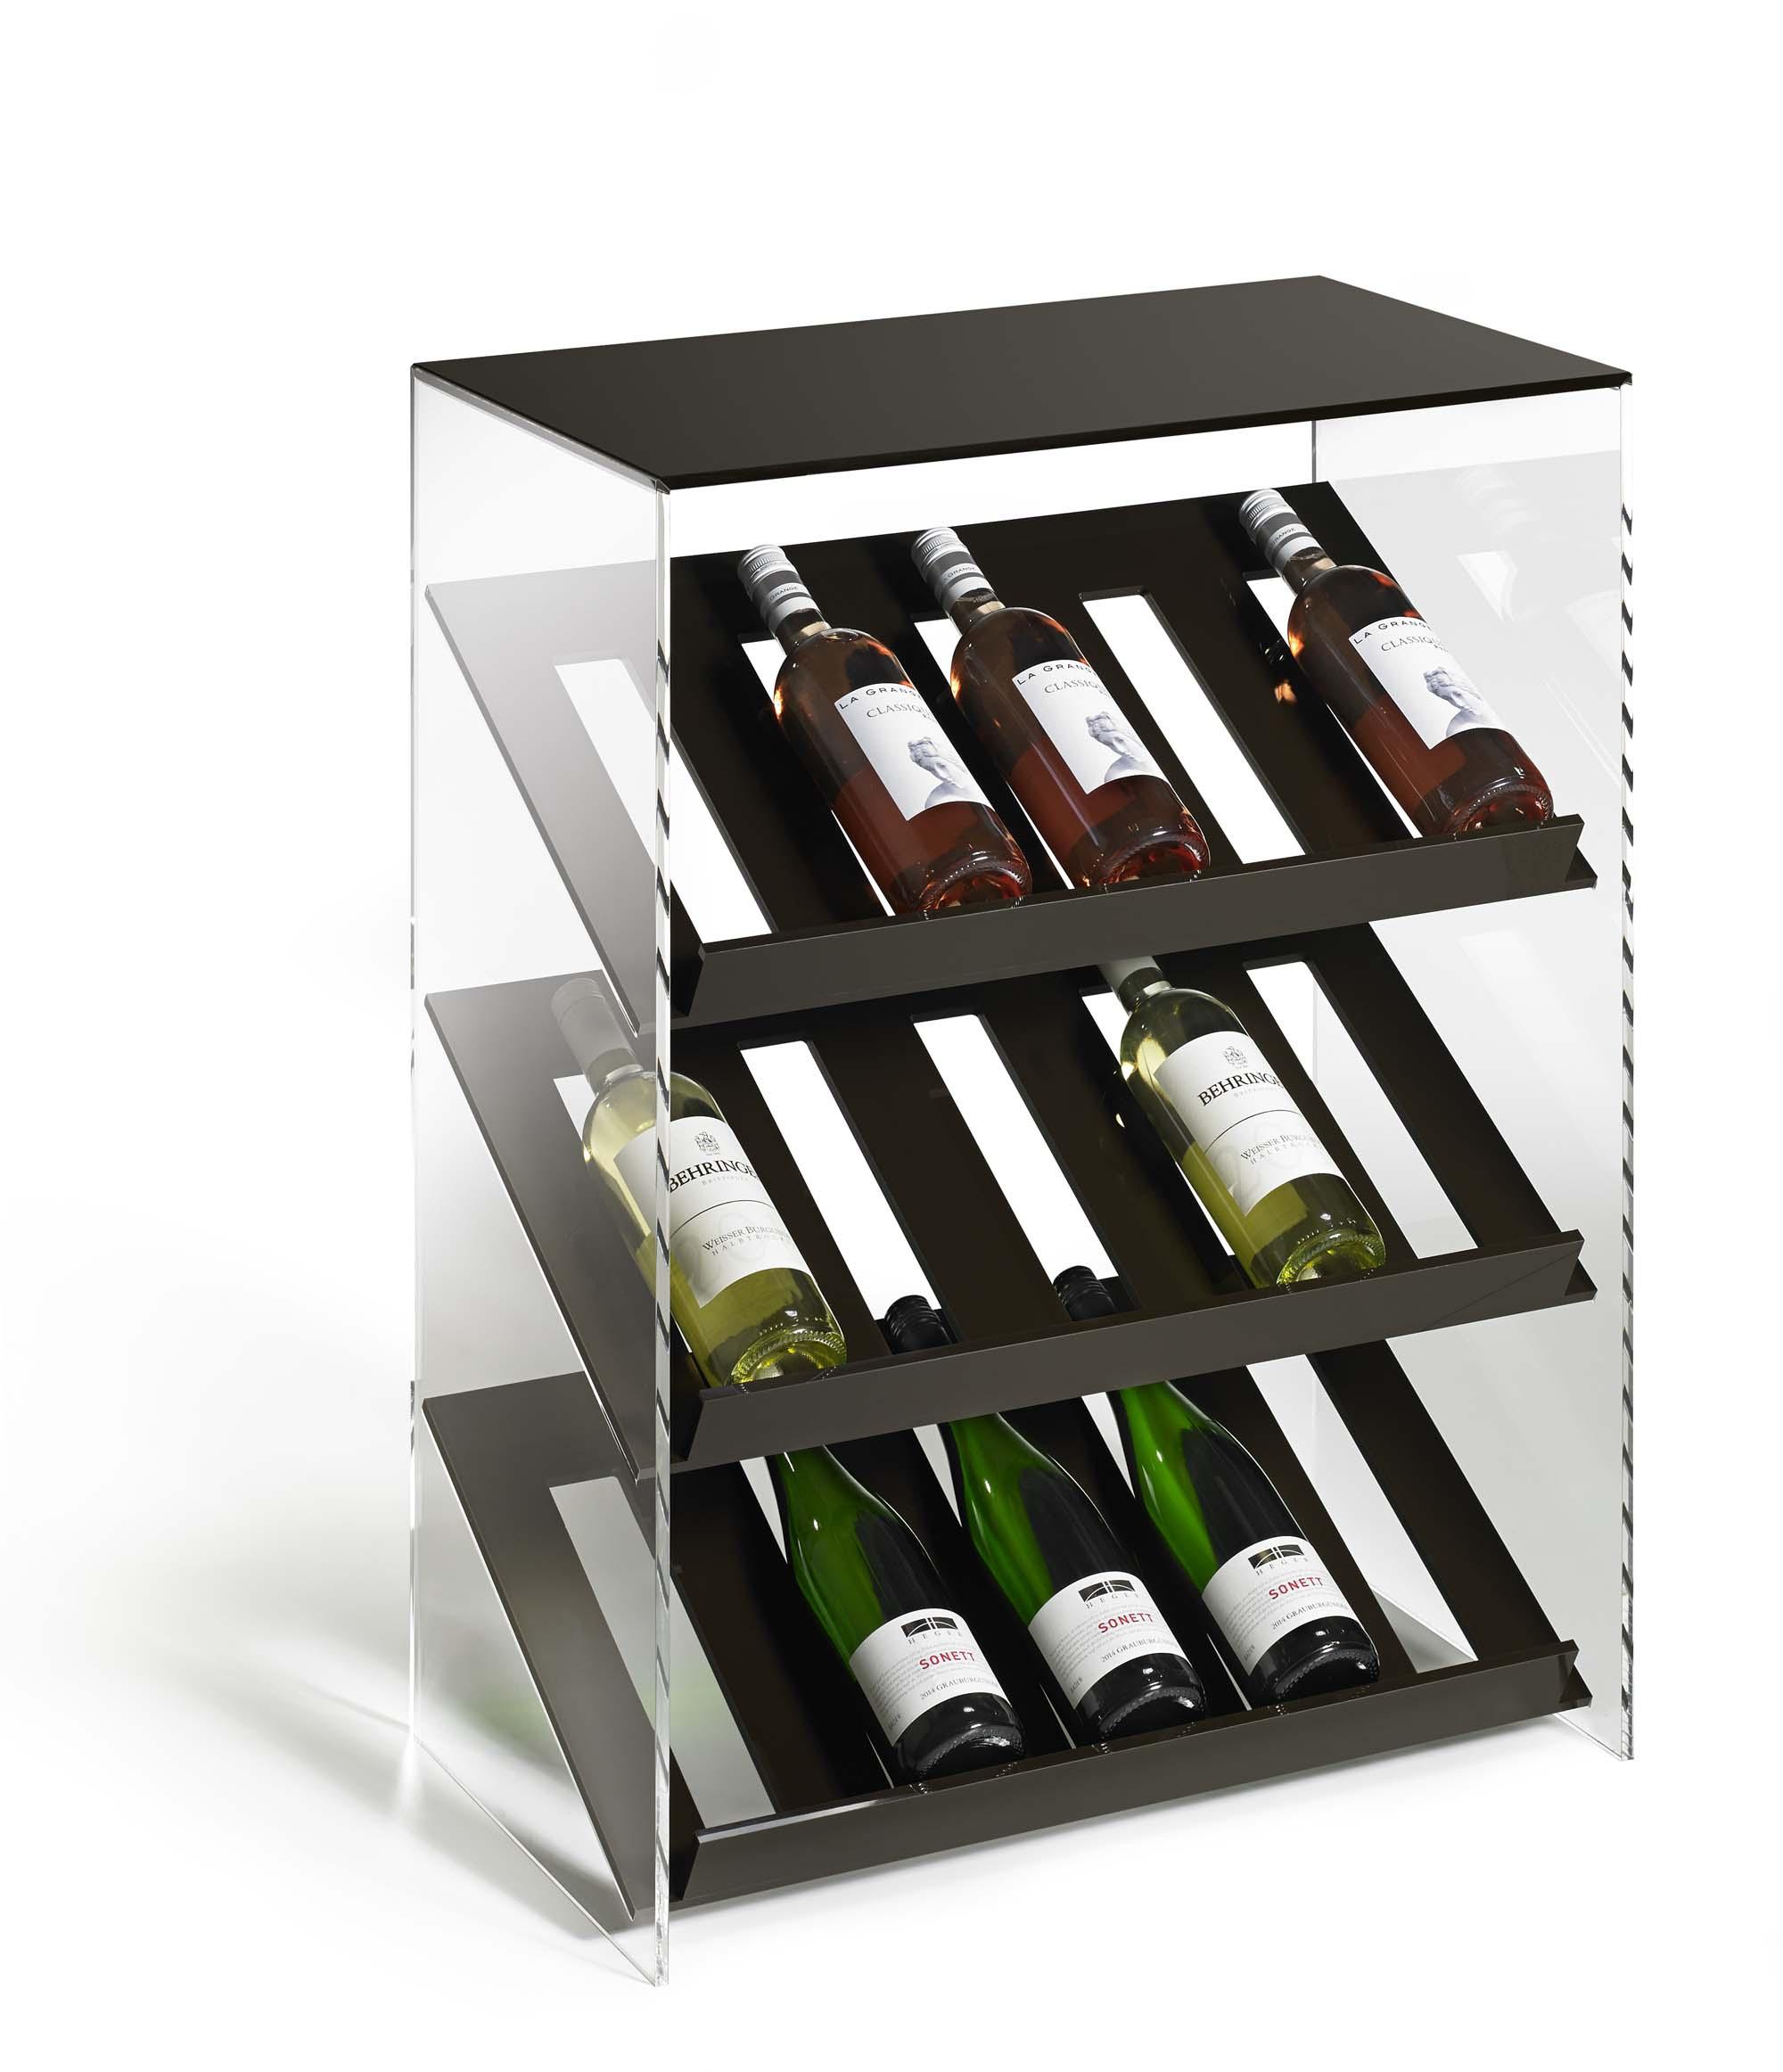 H C Möbel : design weinregal flaschenregal weinhalter wein braun schwarz weiss grau beige ebay ~ Watch28wear.com Haus und Dekorationen